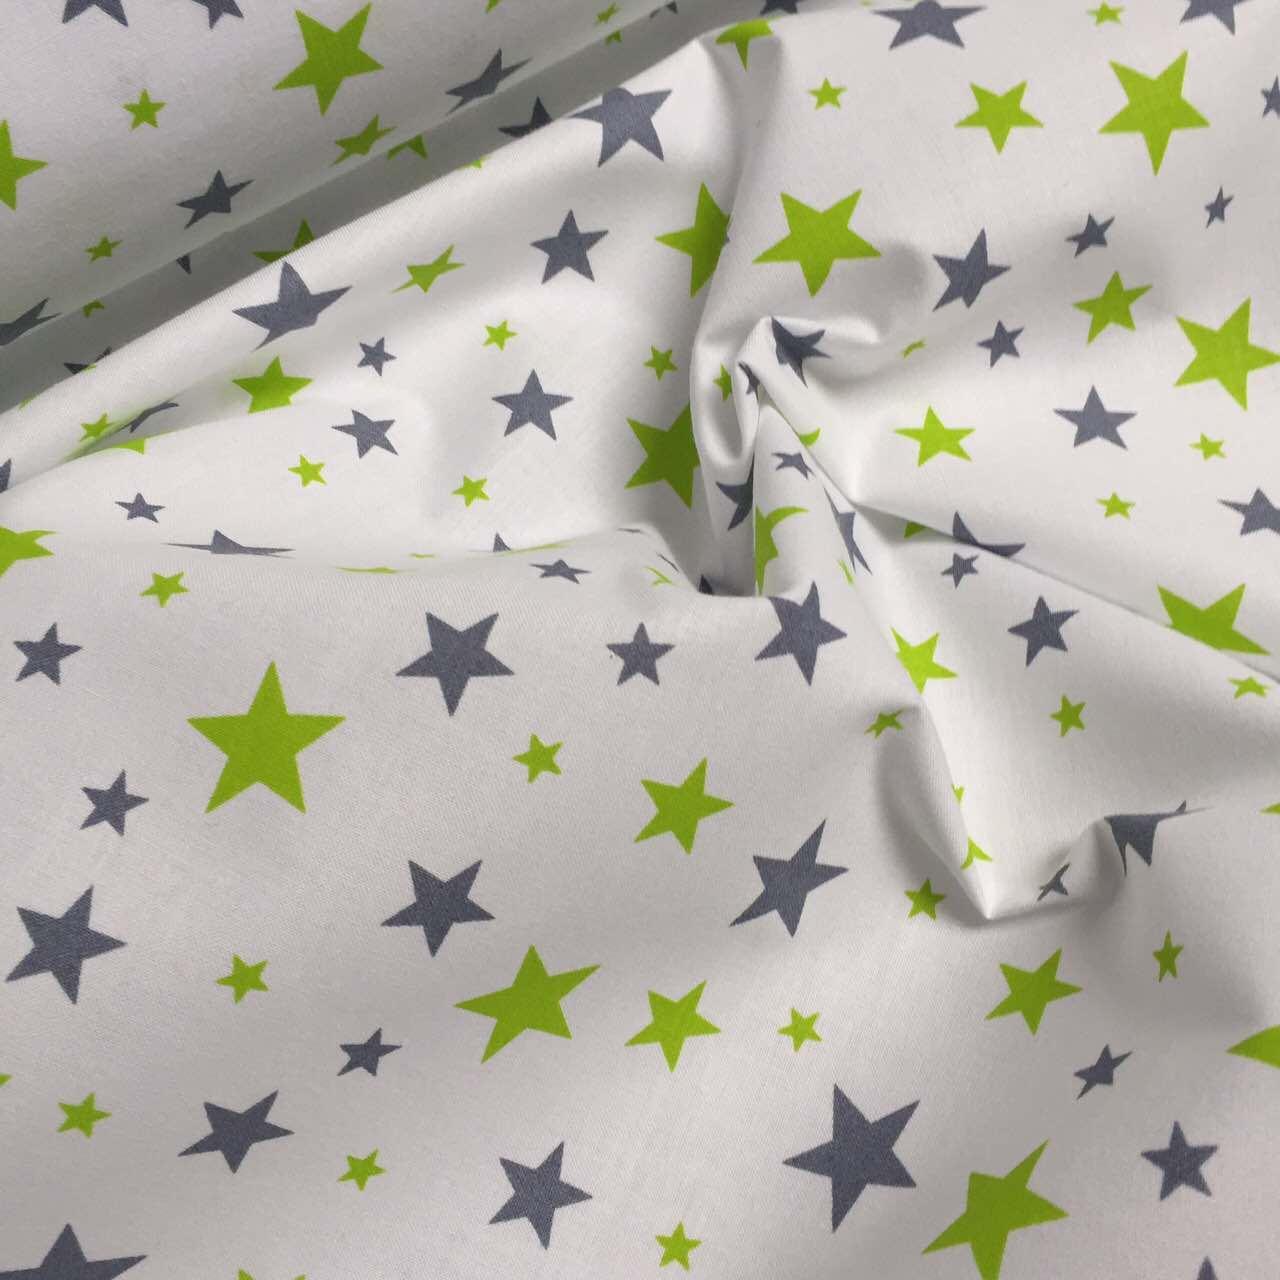 Польский хлопок звездопад салатовые и джинсовые белом фоне № 784